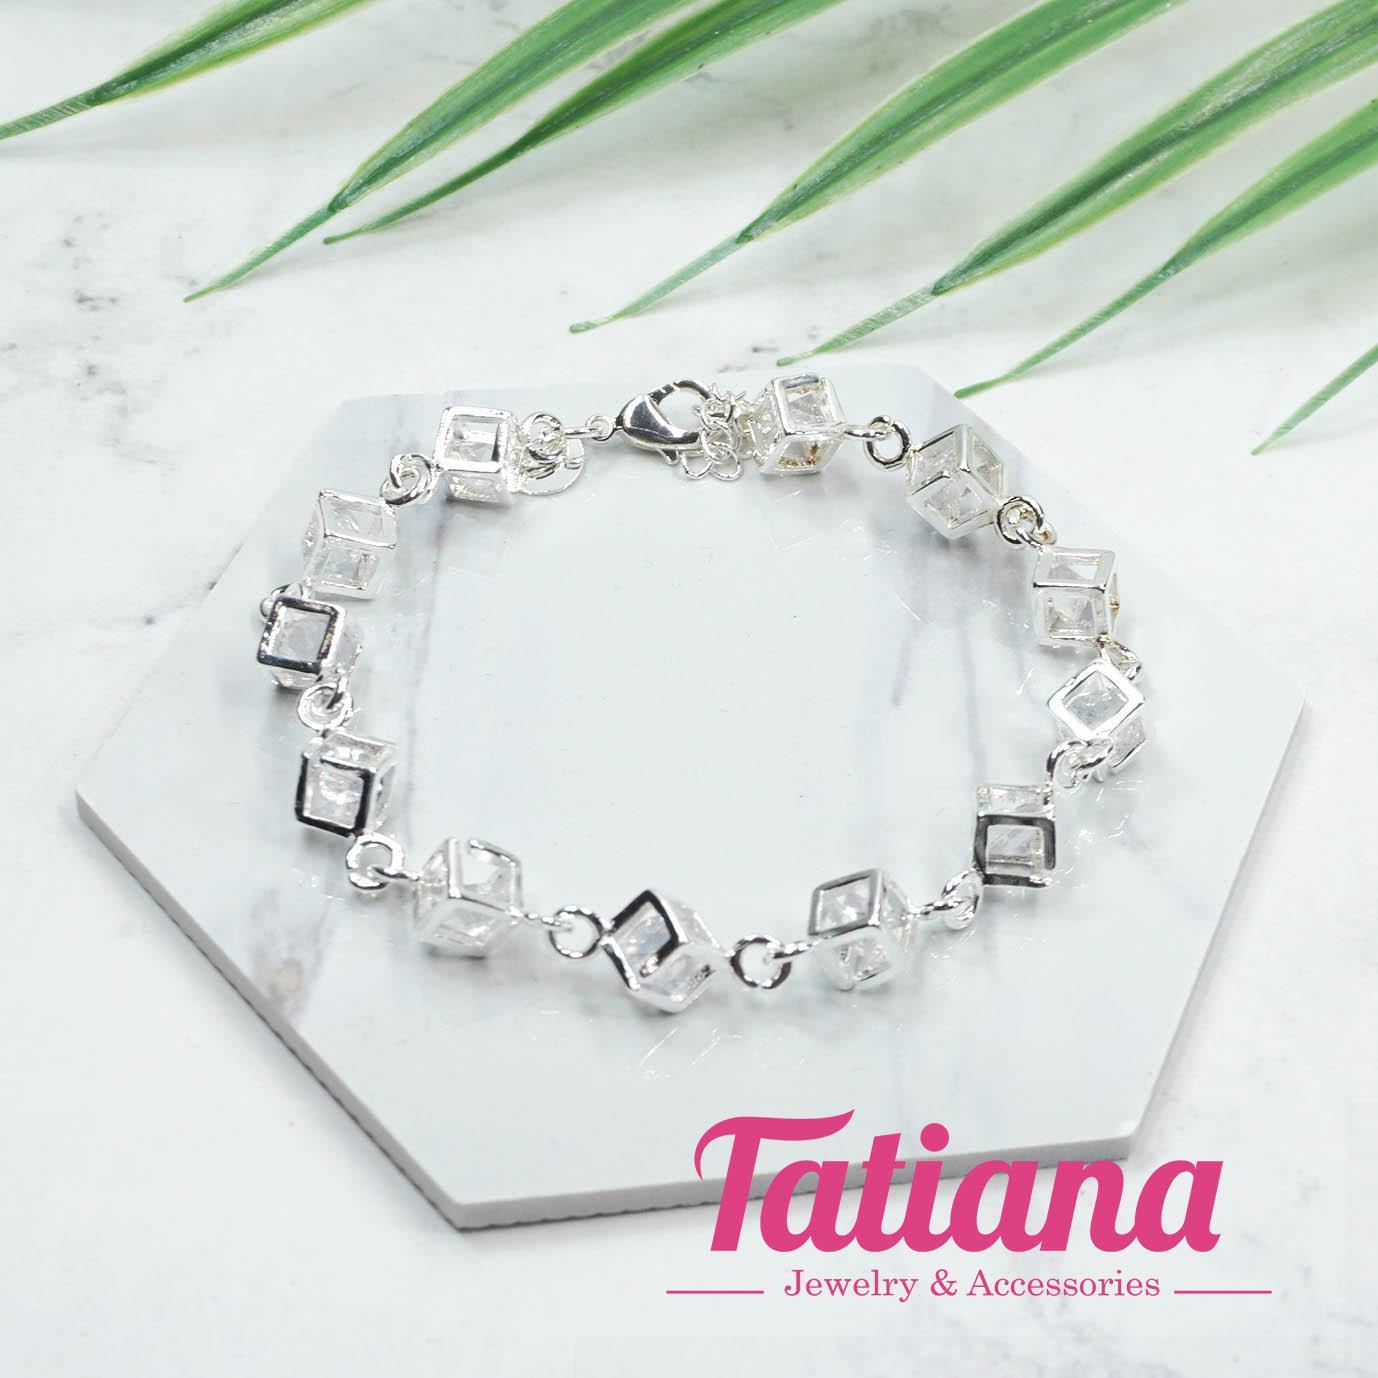 Hình ảnh Vòng Tay Nữ Mạ Bạc Hạt Vuông Đính Đá - Tatiana - VB2256 (Bạc)